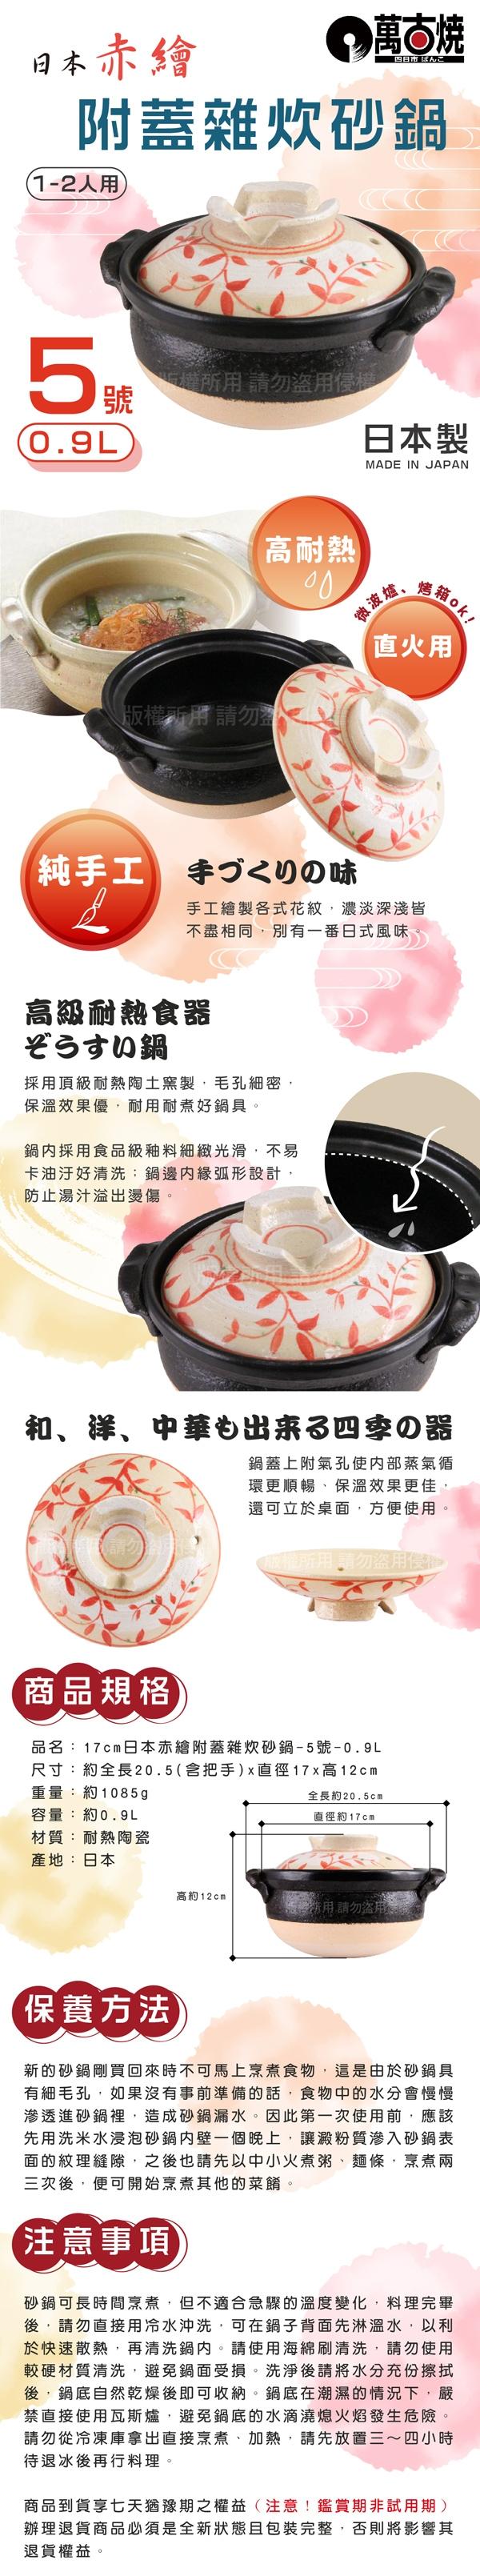 日本赤繪附蓋雜炊砂鍋-5號-0.9L-日本製-17cm